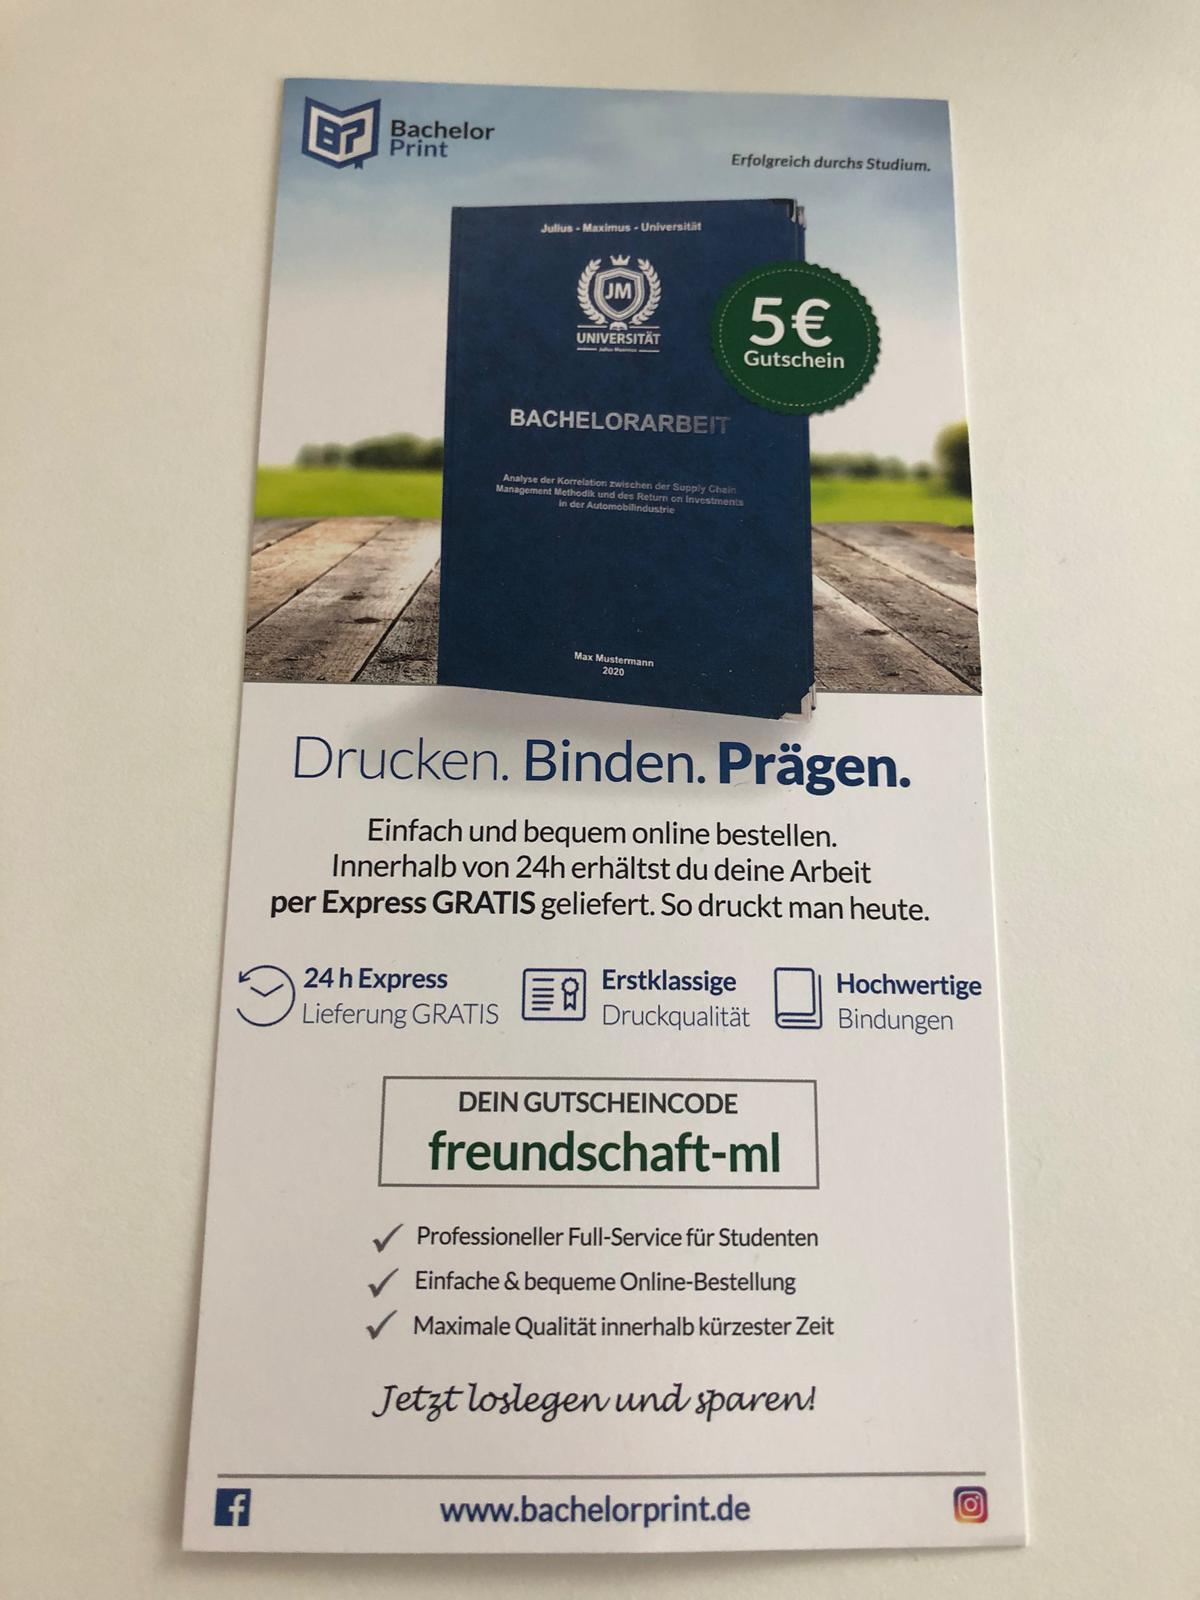 5 Euro Bachelorprint.de Gutschein